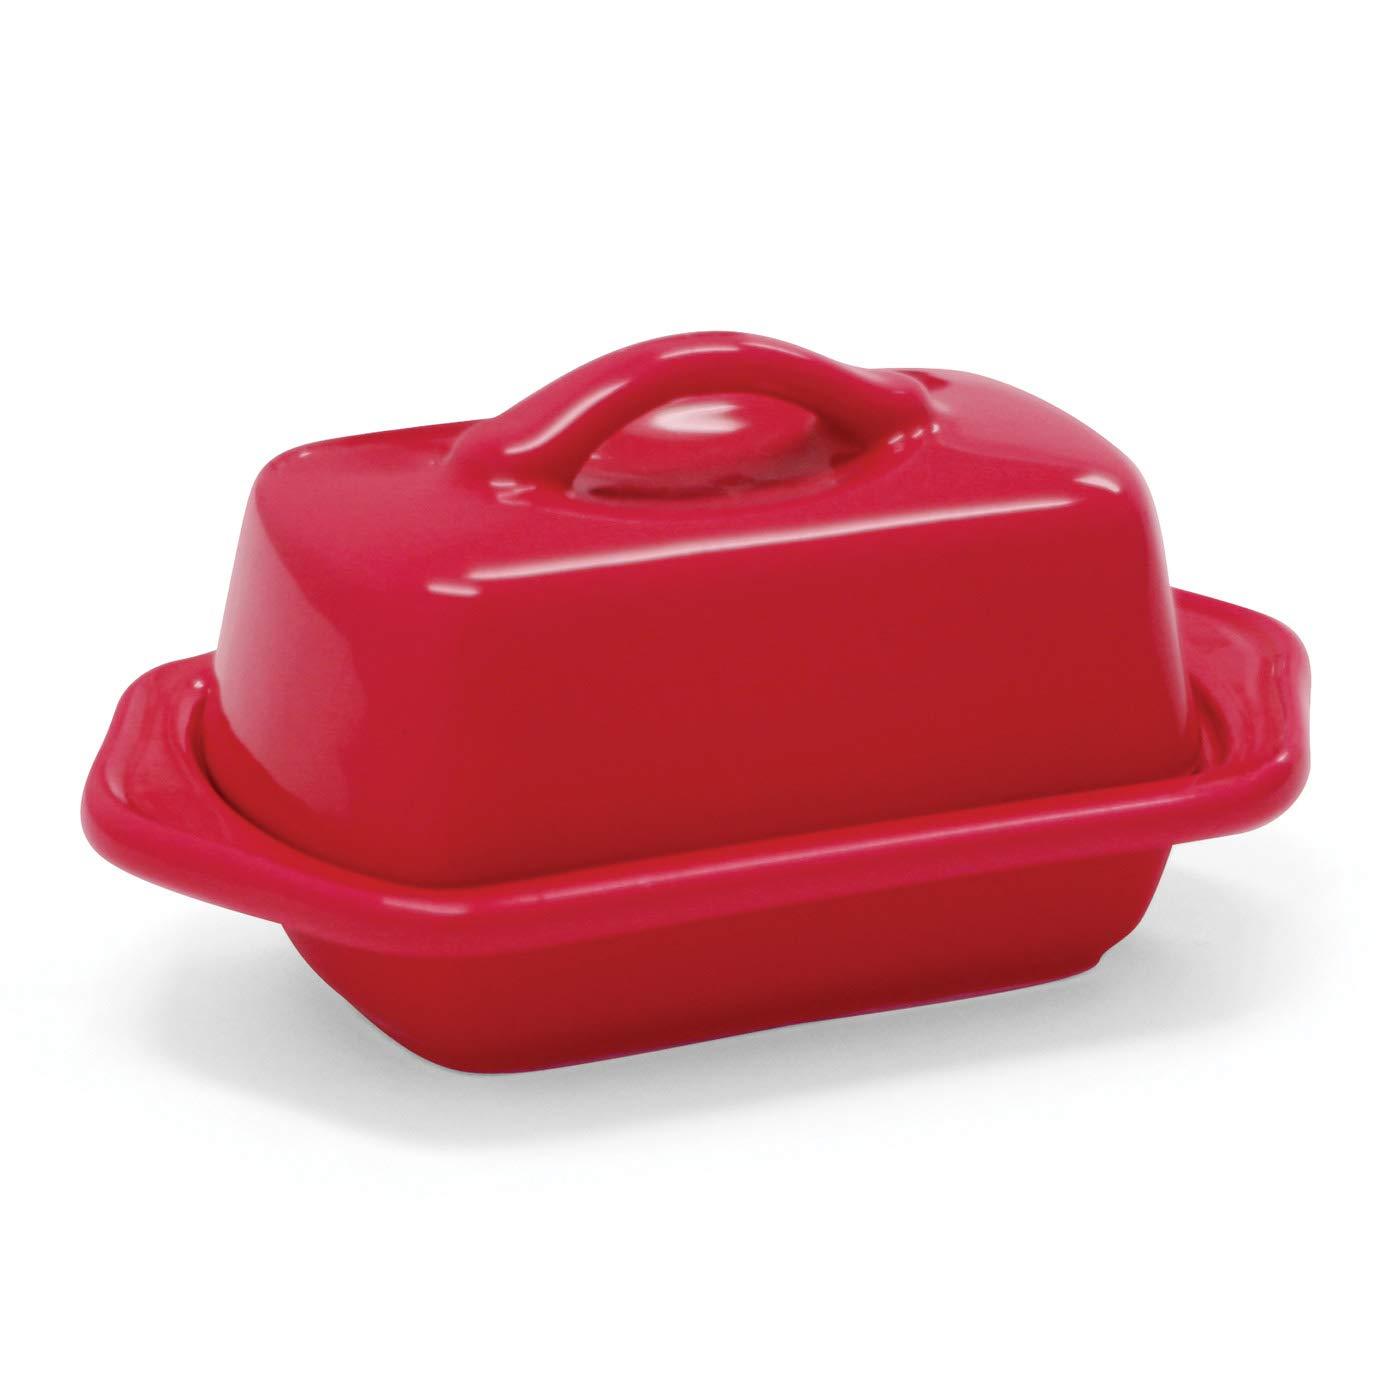 Chantal 93-TVBD2-1 RR Mini Butter Dish, True Red